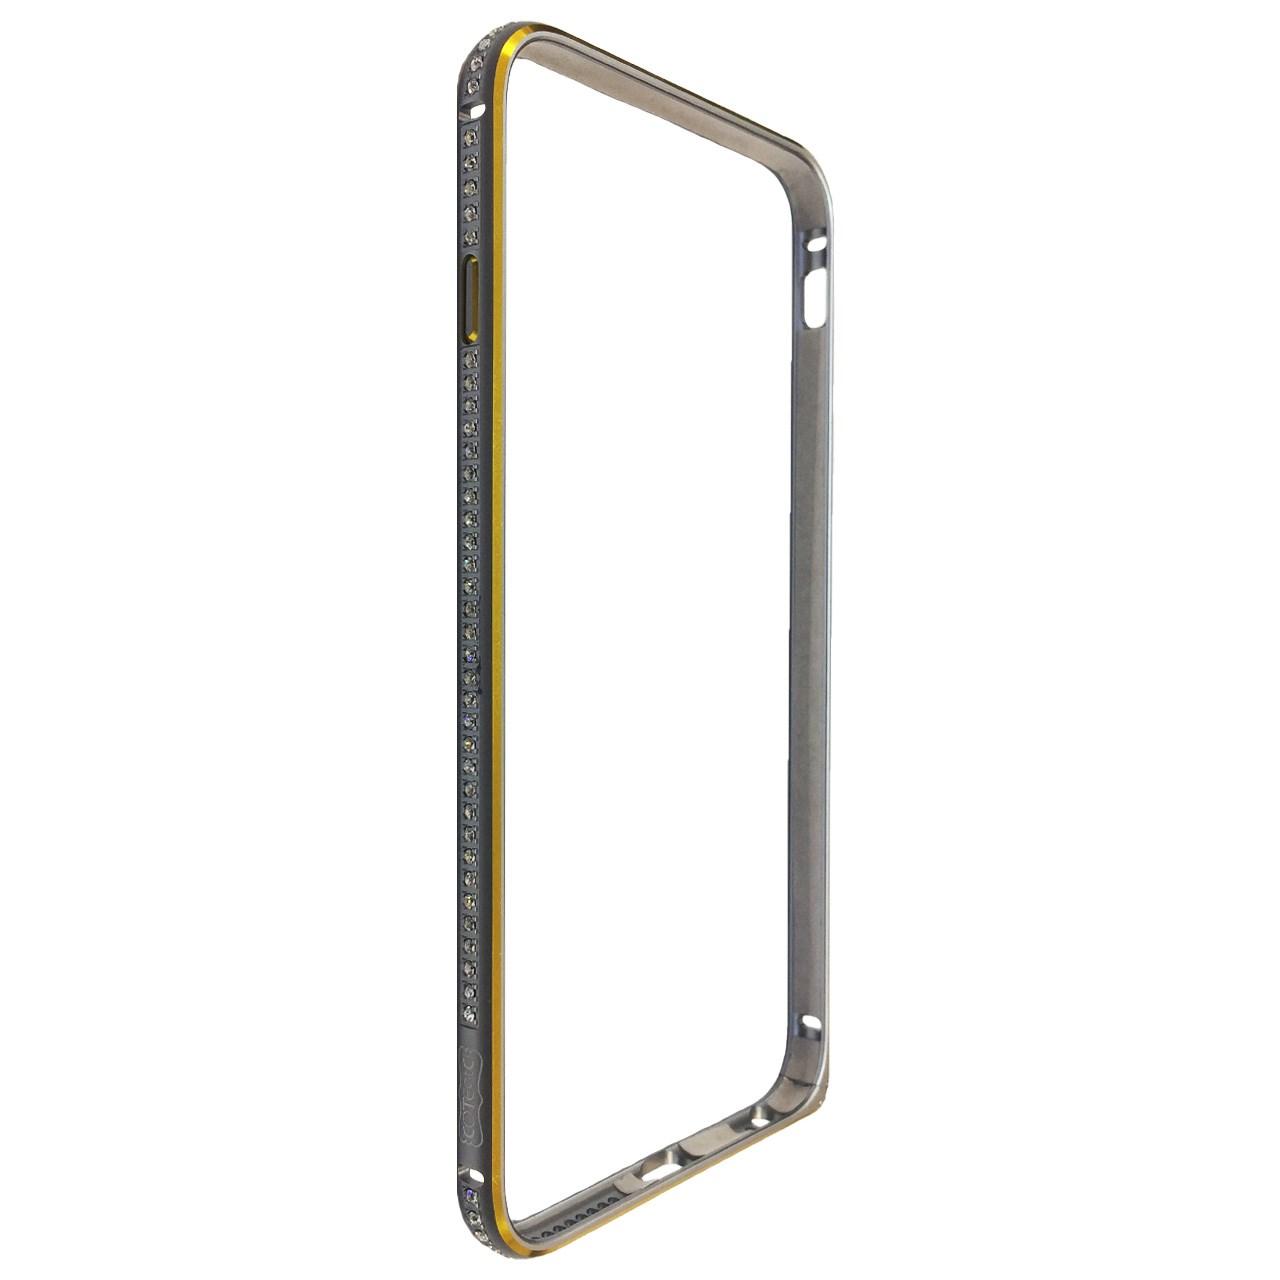 بامپر مدل CS1988 مناسب برای گوشی موبایل آیفون 6 پلاس